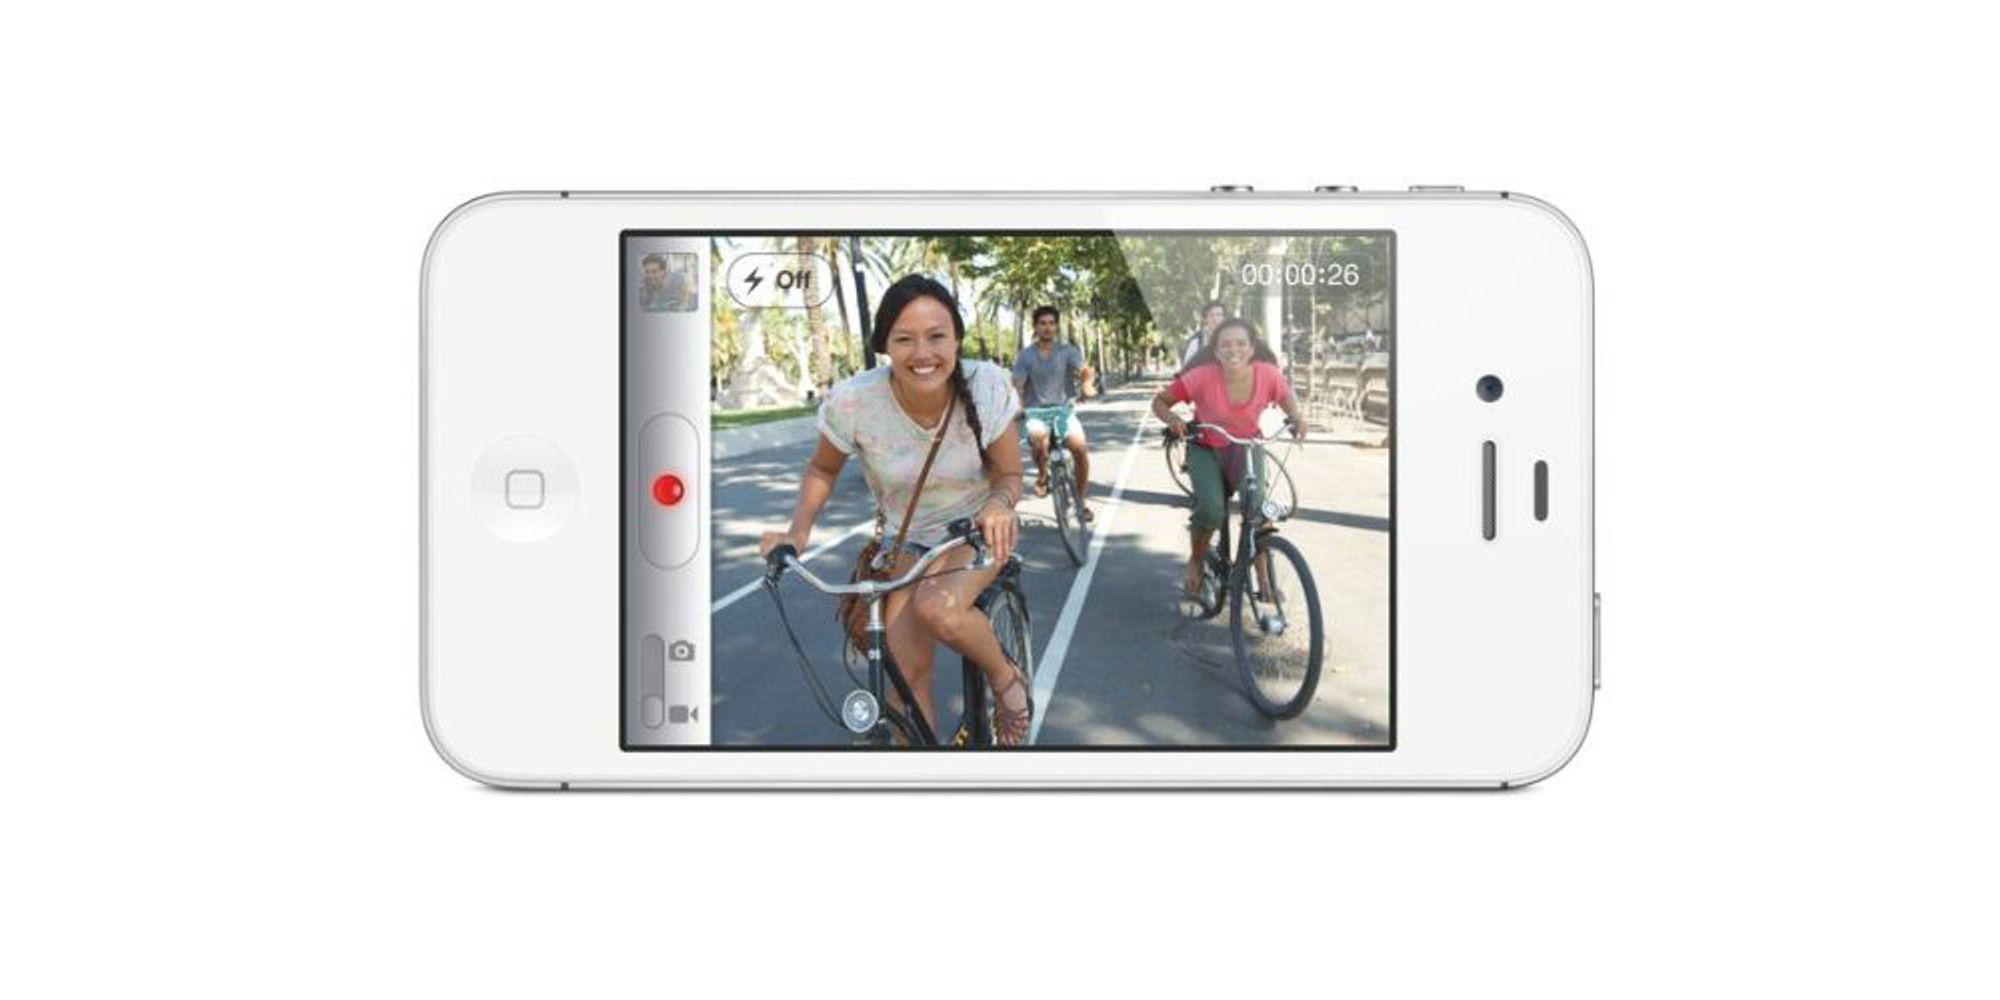 iPhone 4S er lansert